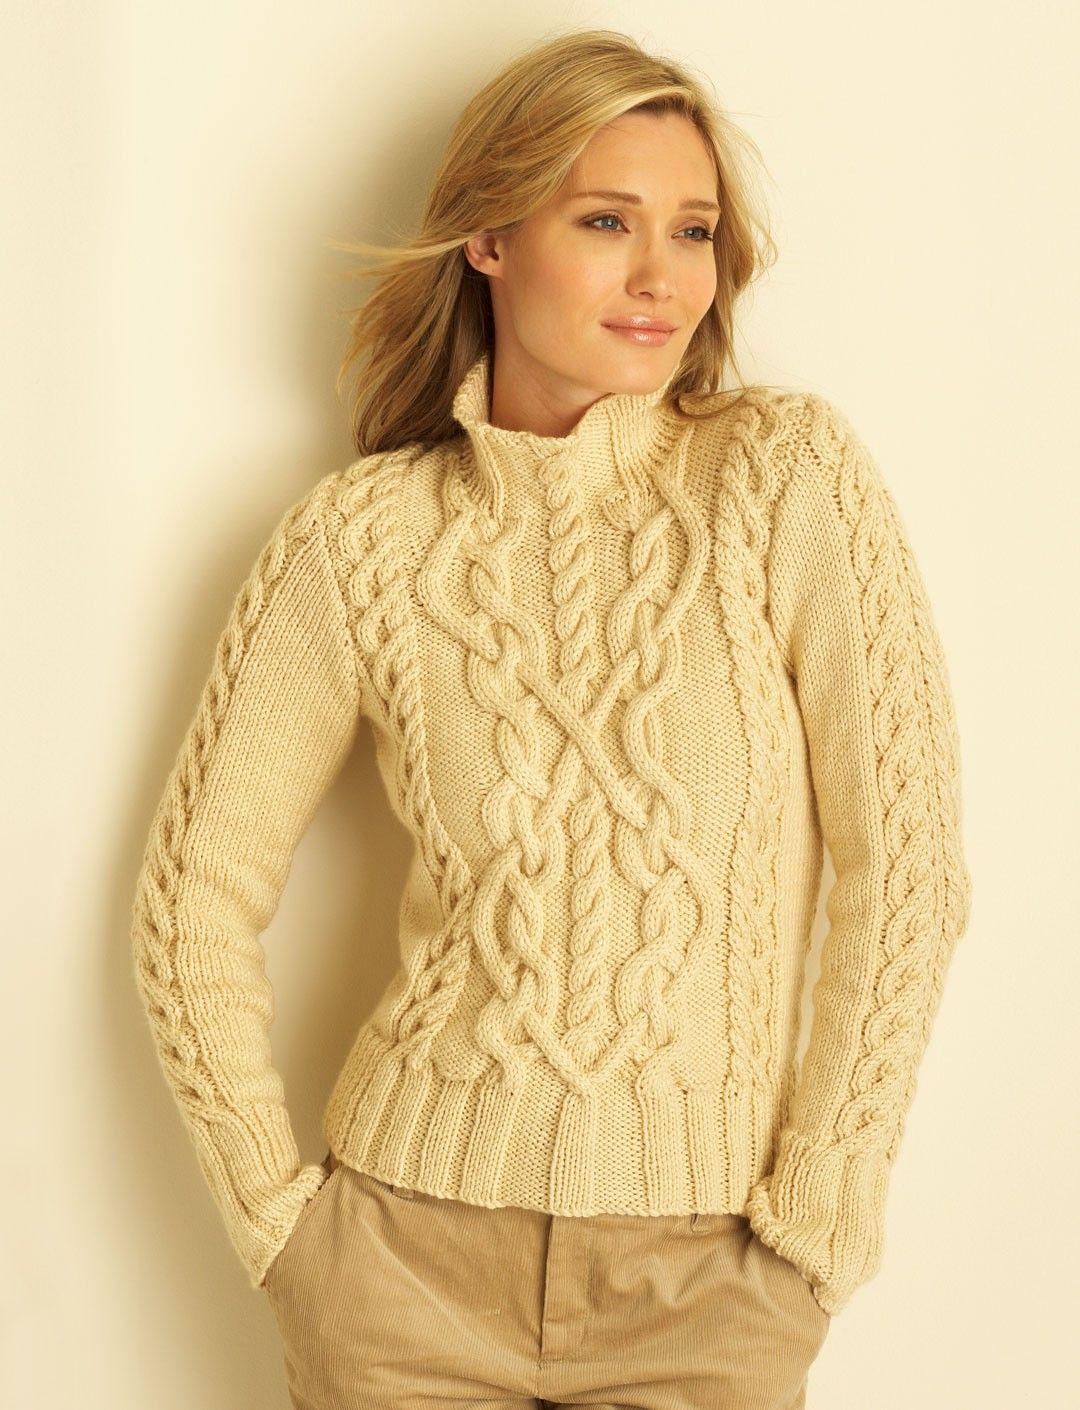 Aran Knitting Patterns Free Yarnspirations Bernat Cable Sweater Patterns